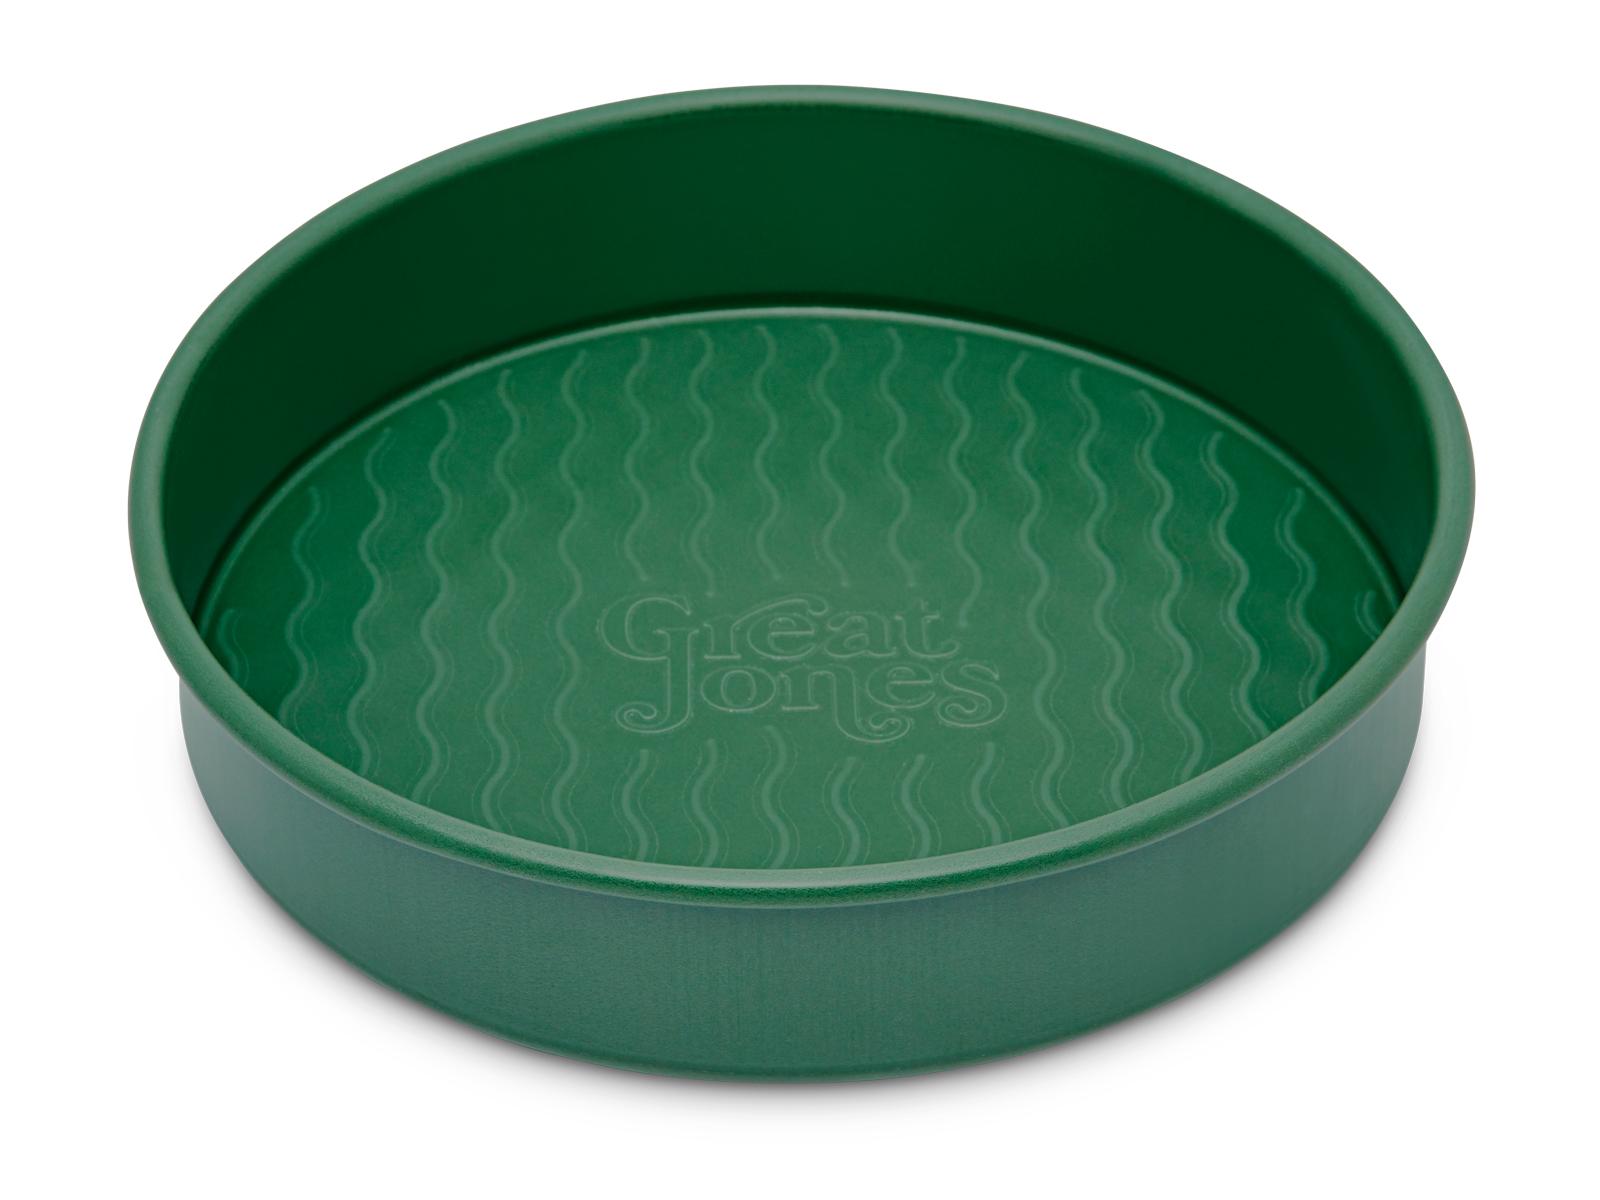 Great Jones cake pan